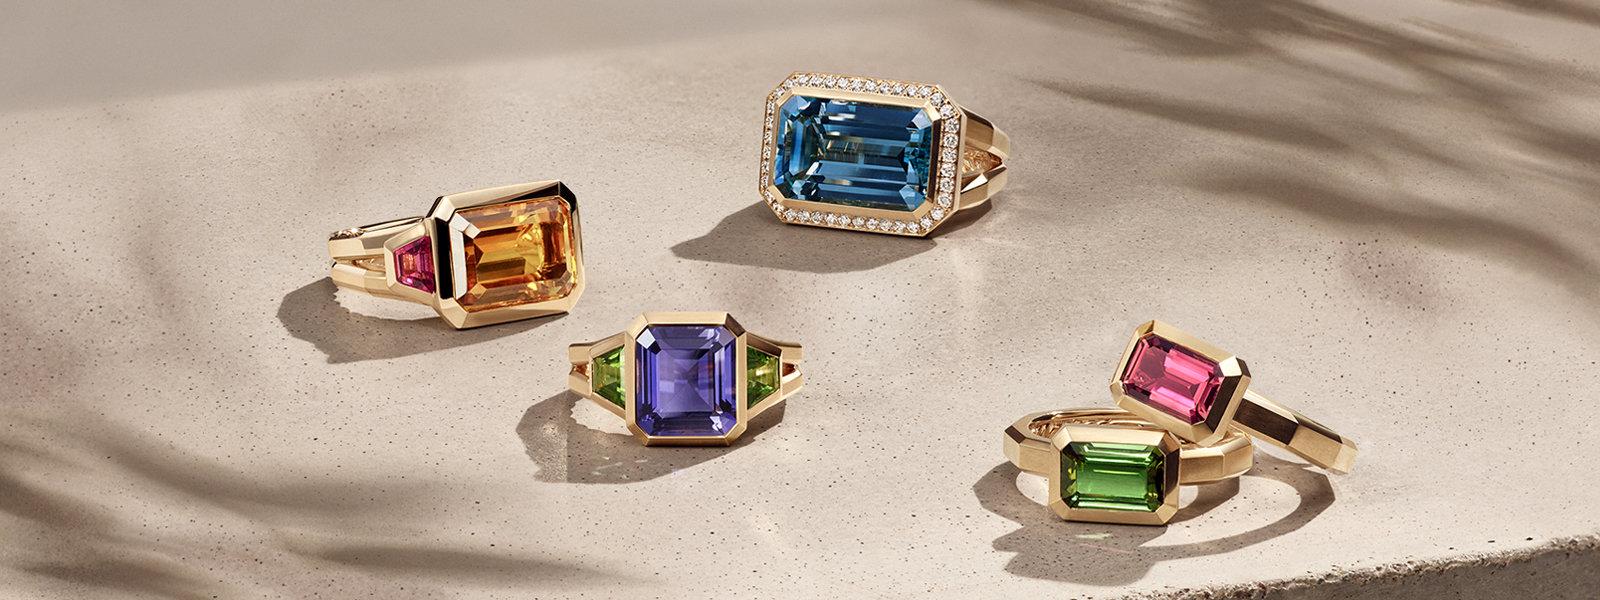 David Yurman Novella 18K黄金黄水晶和红榴石、堇青石和绿色碧玺、蓝色托帕石和钻石或绿色或粉色碧玺戒指在沙色宝石上排成一组,光线照出长长的阴影。